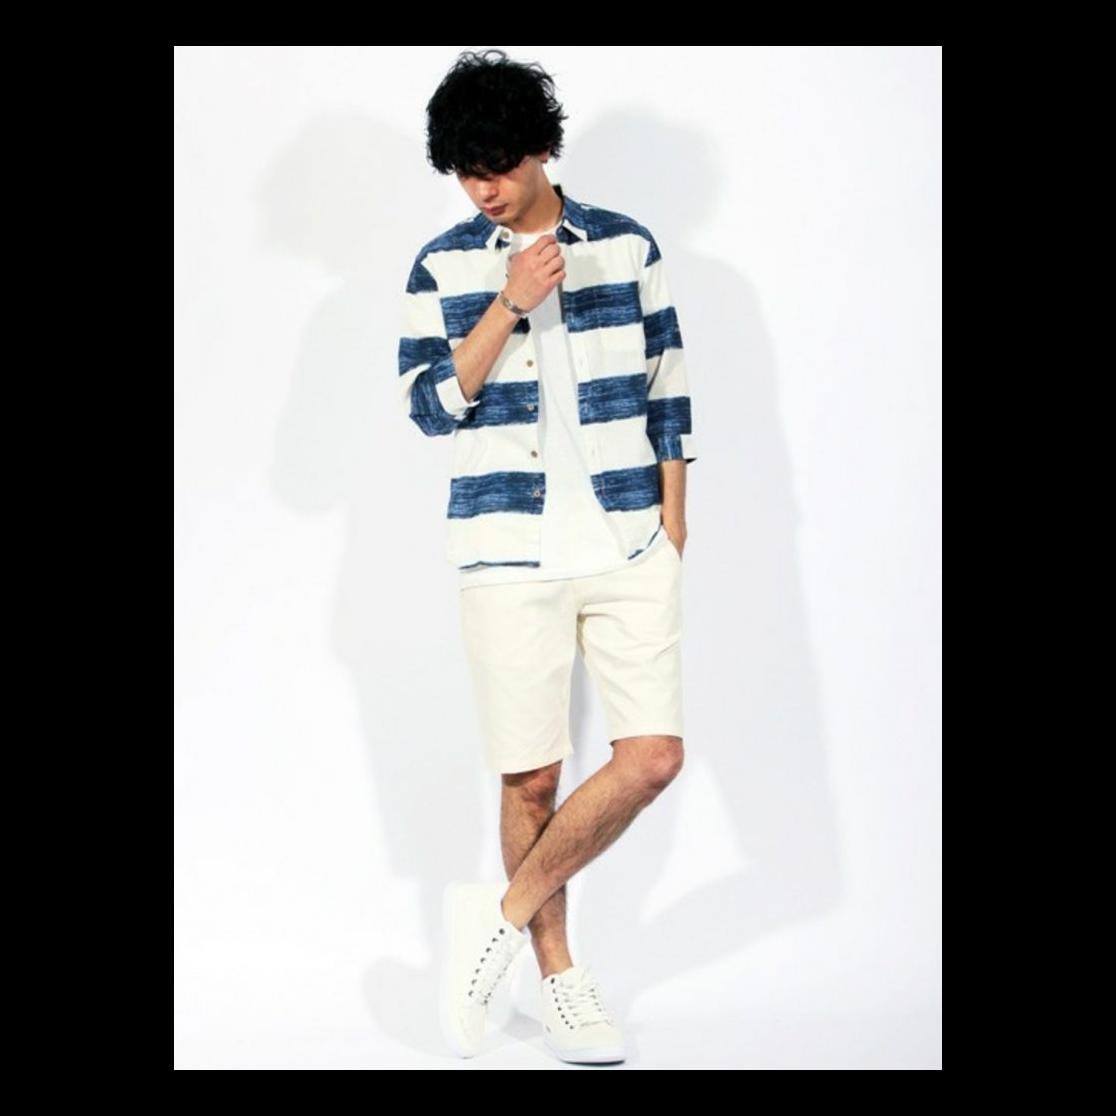 迎接夏日的短褲穿搭,跟著日本男生穿出隨興個性才正確